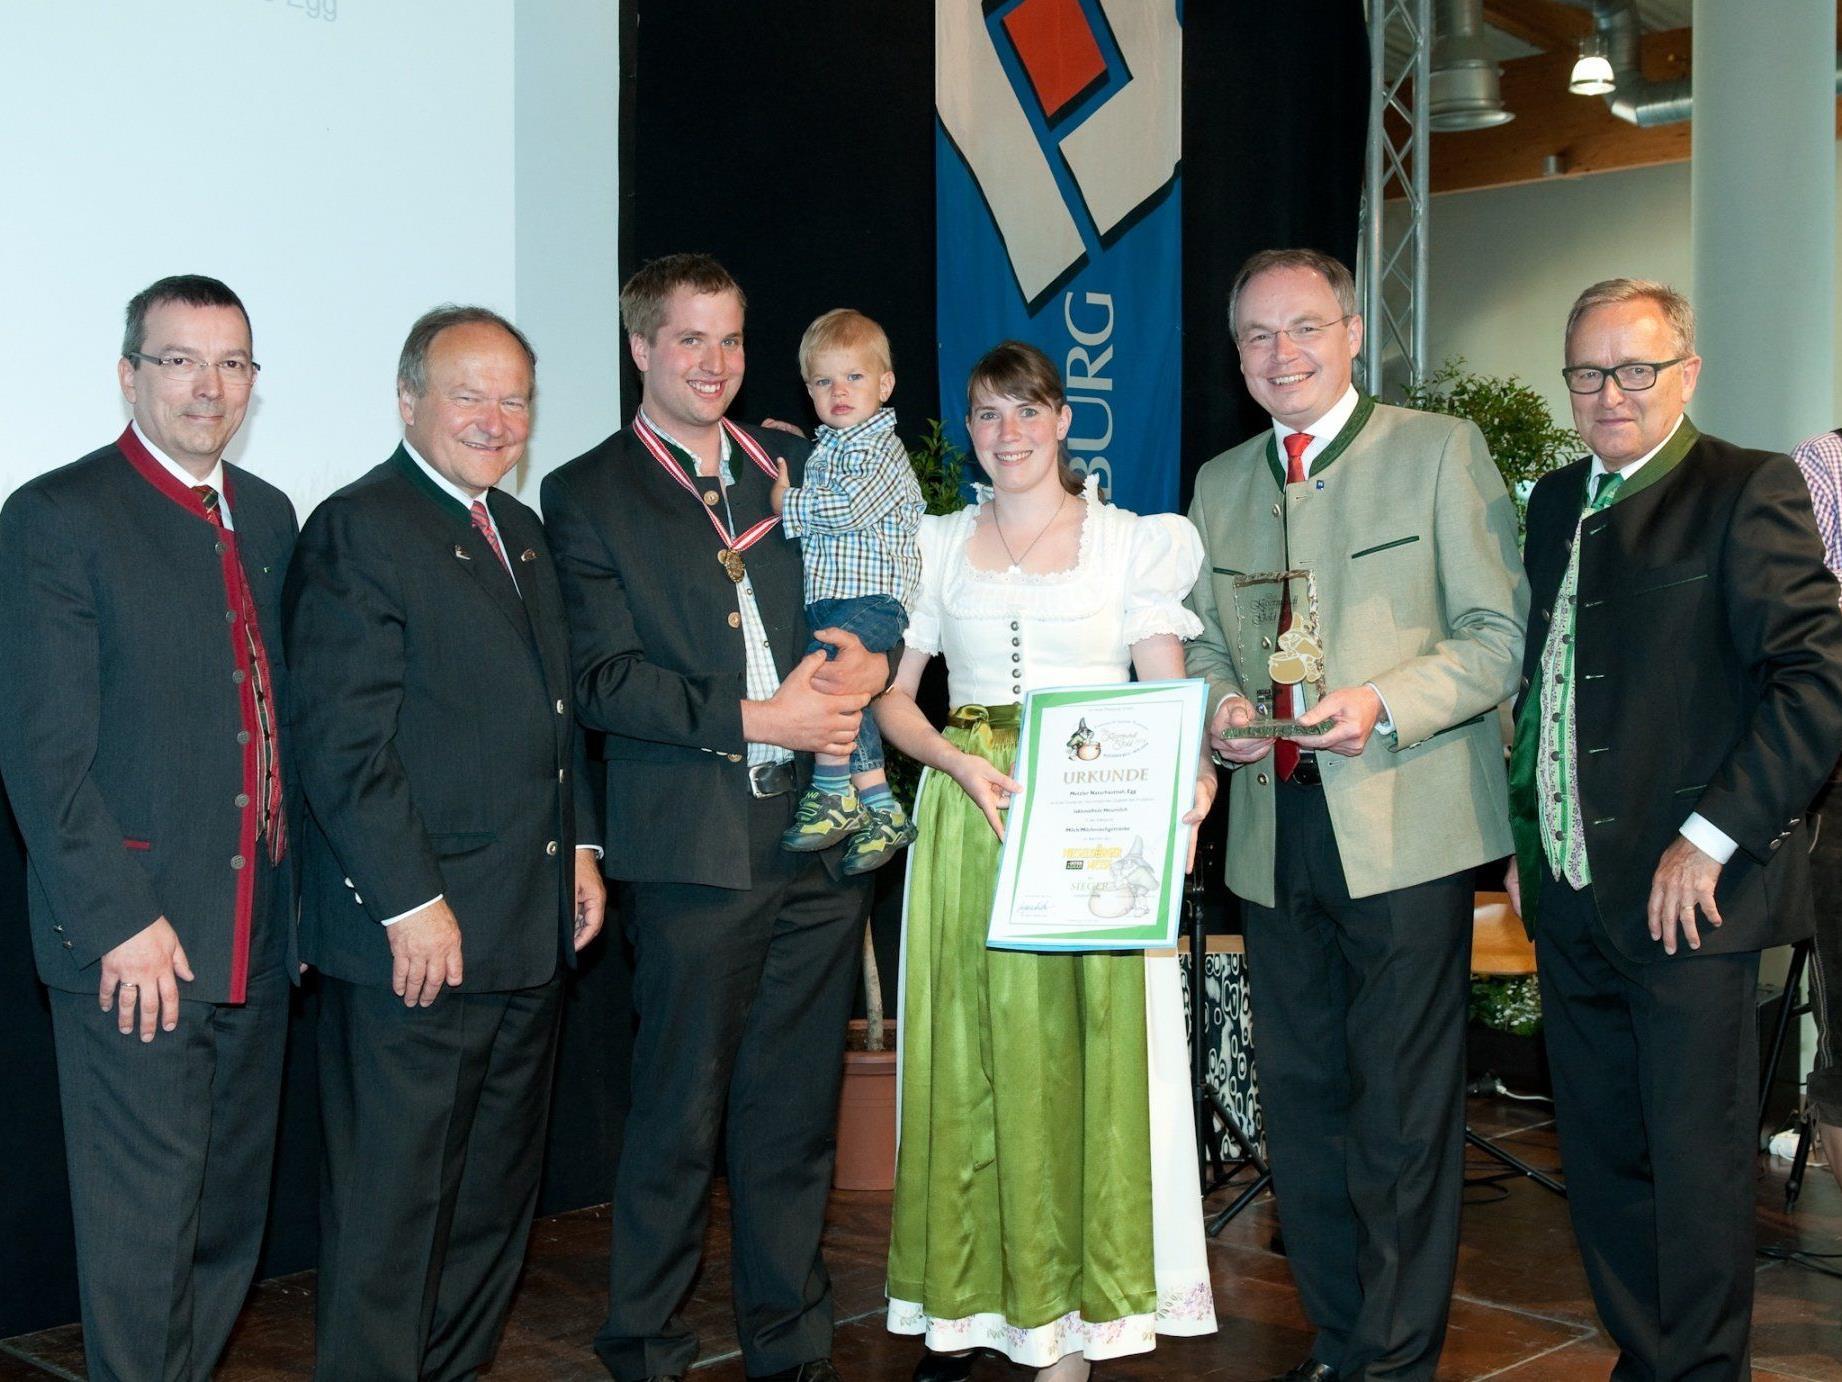 Manuel mit Sohn Daniel und Magdalena Metzler, umgeben von der Fachjury und Vertretern der INTERAGRAR